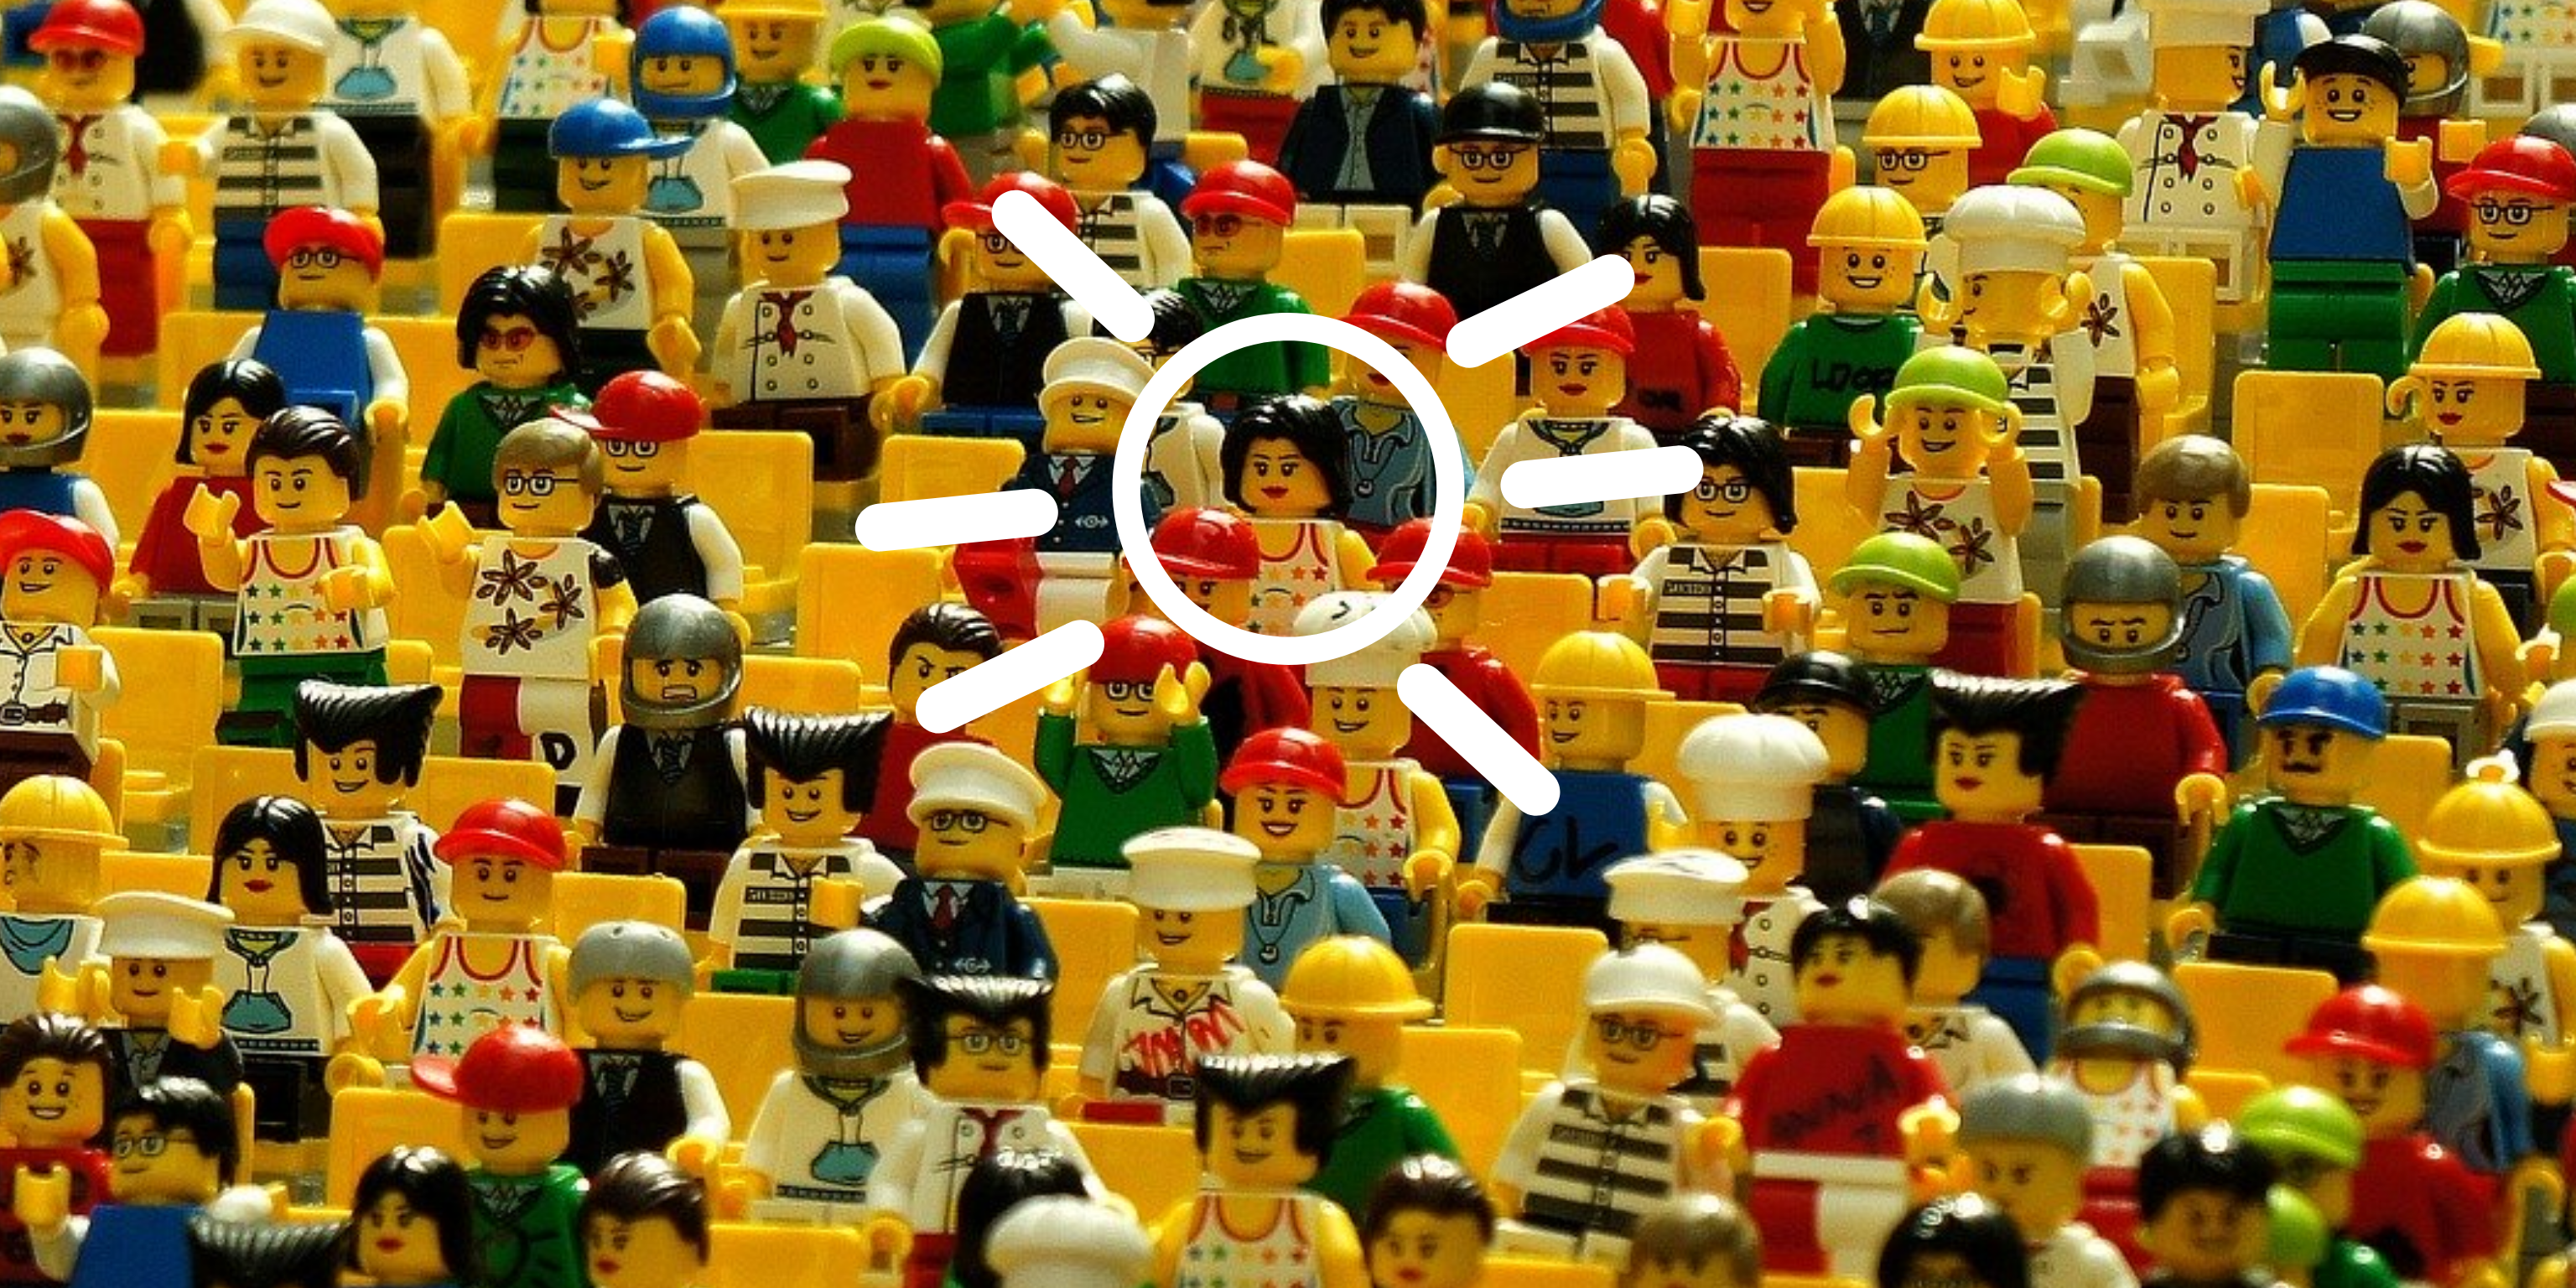 Ir a : ¡Buscamos tu opinión! Cuestionario sobre el futurodel movimiento asociativoPlena inclusión